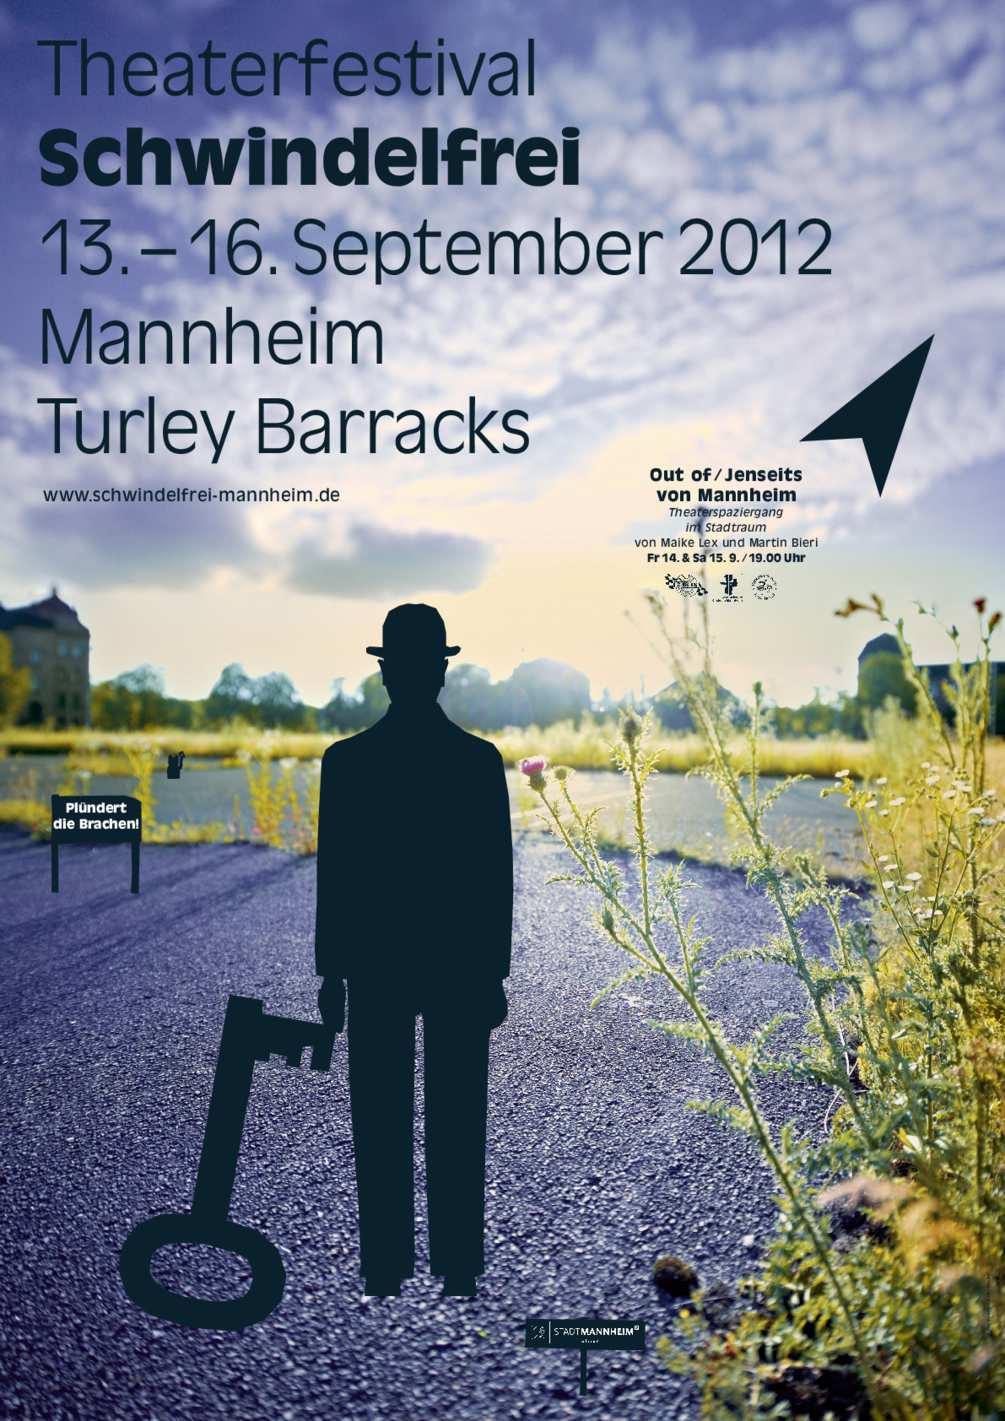 theater-festival-schwindelfrei-poster-04-1005x1421px